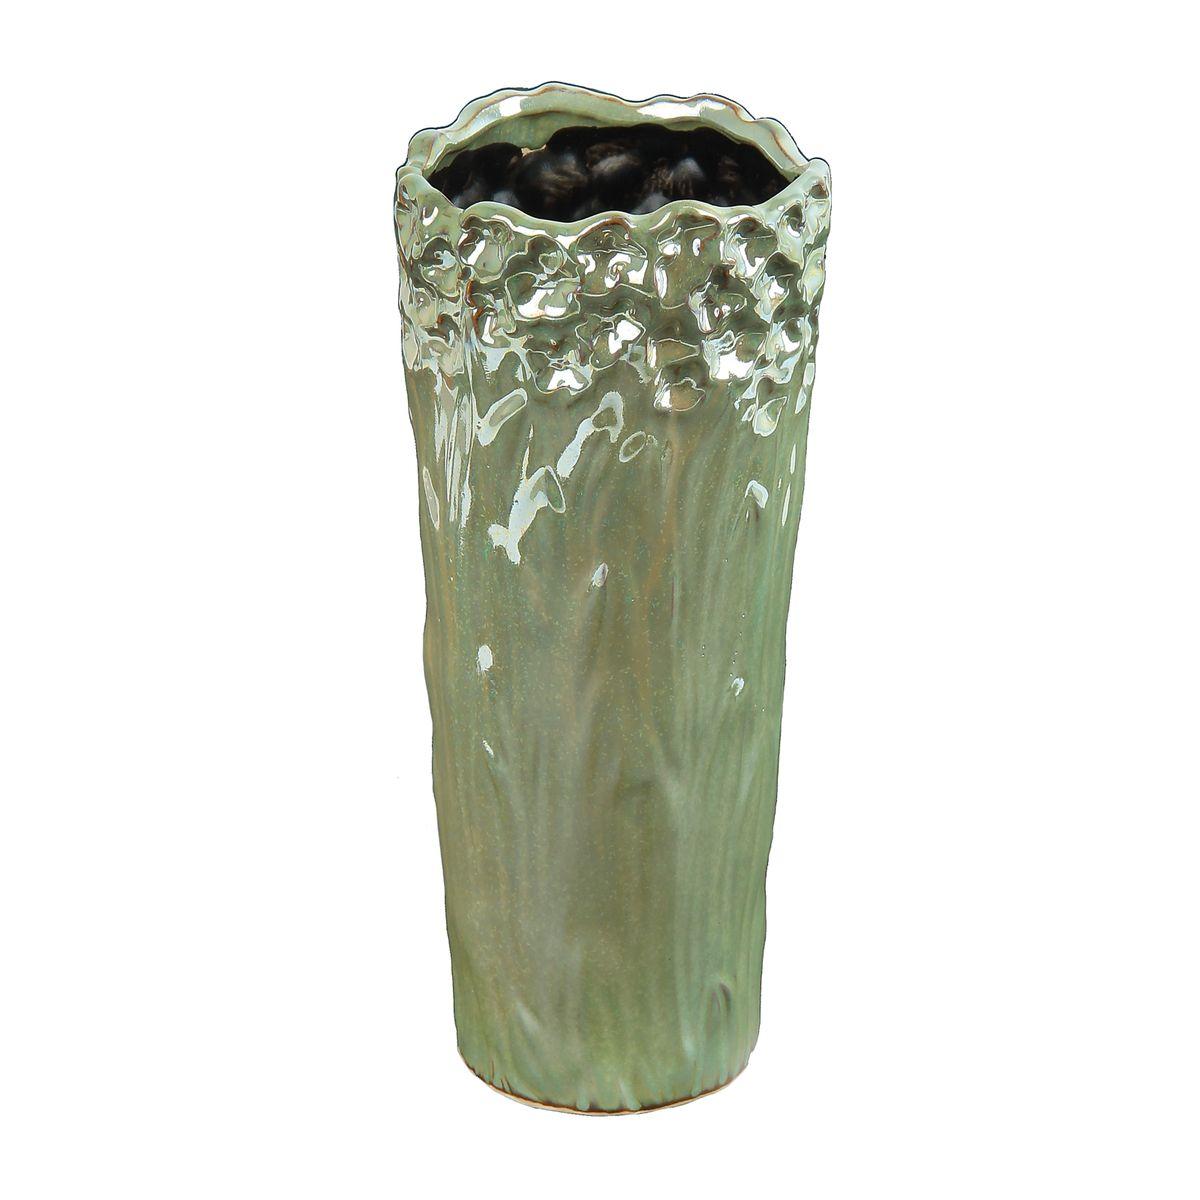 Ваза Sima-land Перелив, высота 27 см863613Ваза Sima-land Перелив изготовлена из высококачественной керамики и оснащена антискользящими накладками на дне. Такая стильная ваза с легкостьювпишется практически в любой интерьер. Она станет изумительным подарком, которыйдоставит радость, ведь это не только красивый, но еще и функциональный презент.